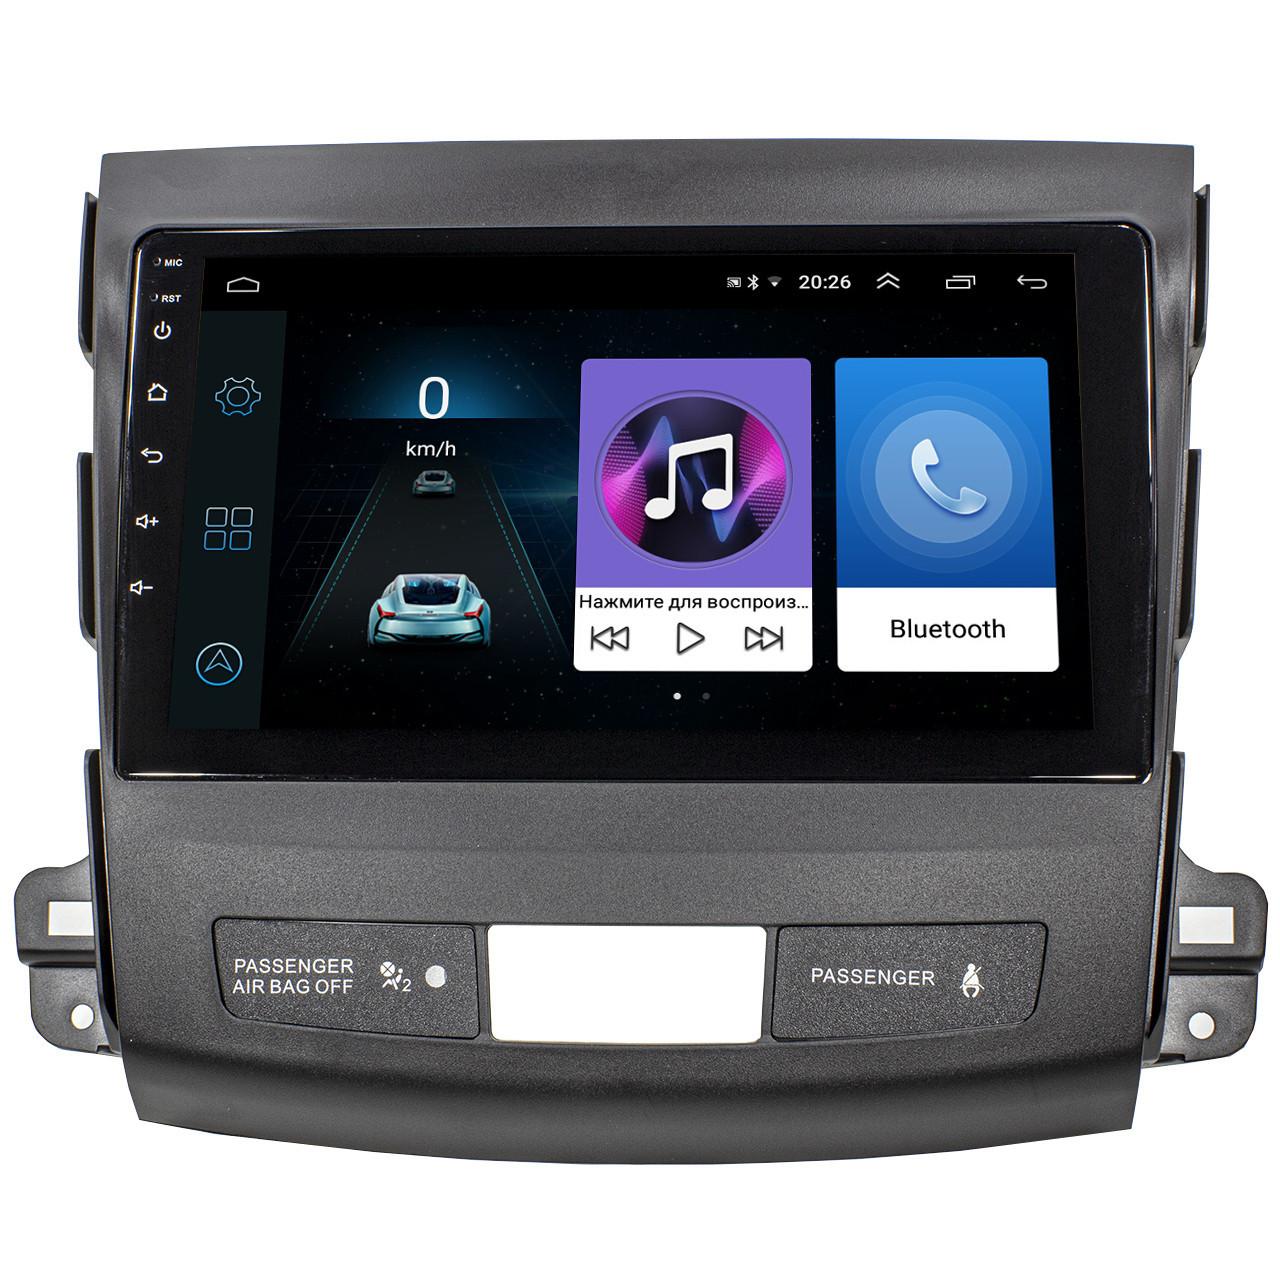 Штатная автомобильная магнитола 9 дюймов Mitsubishi Outlander 2005-2012г. GPS-навигация Wi Fi на Android (3605-10465)